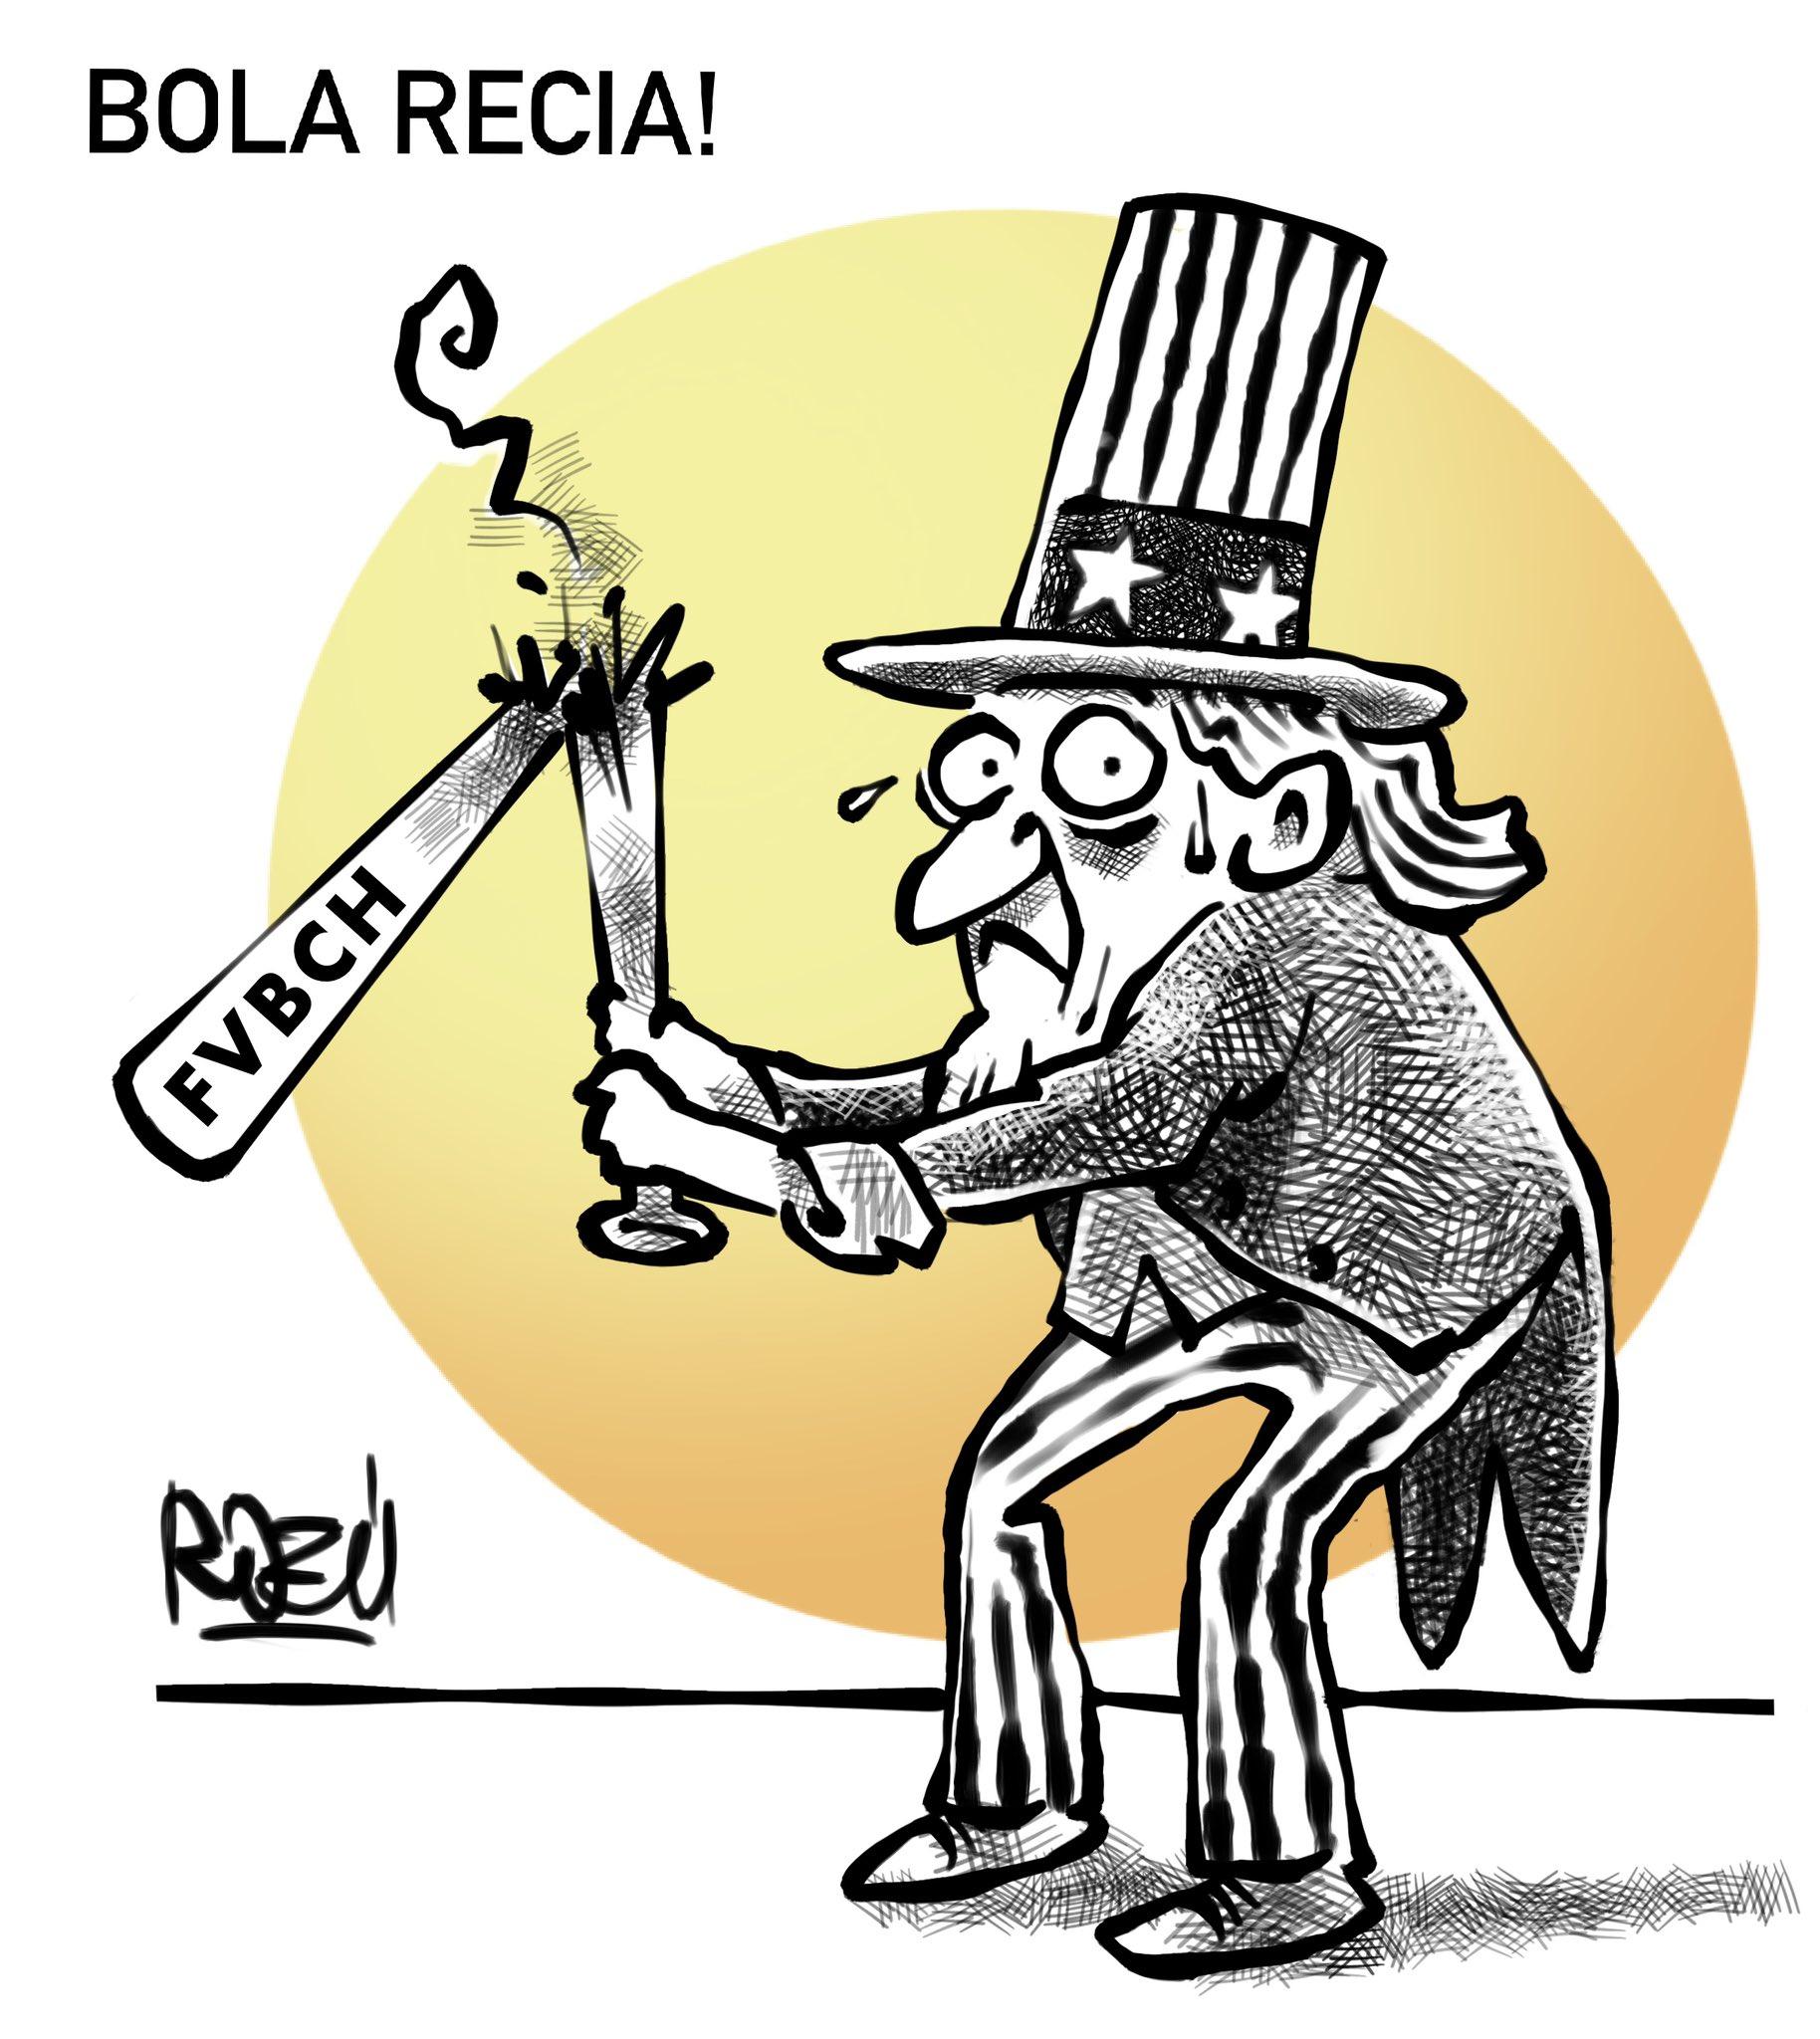 Estados Unidos acosa a Nicaragua Por Gustavo Espinoza Montesinos